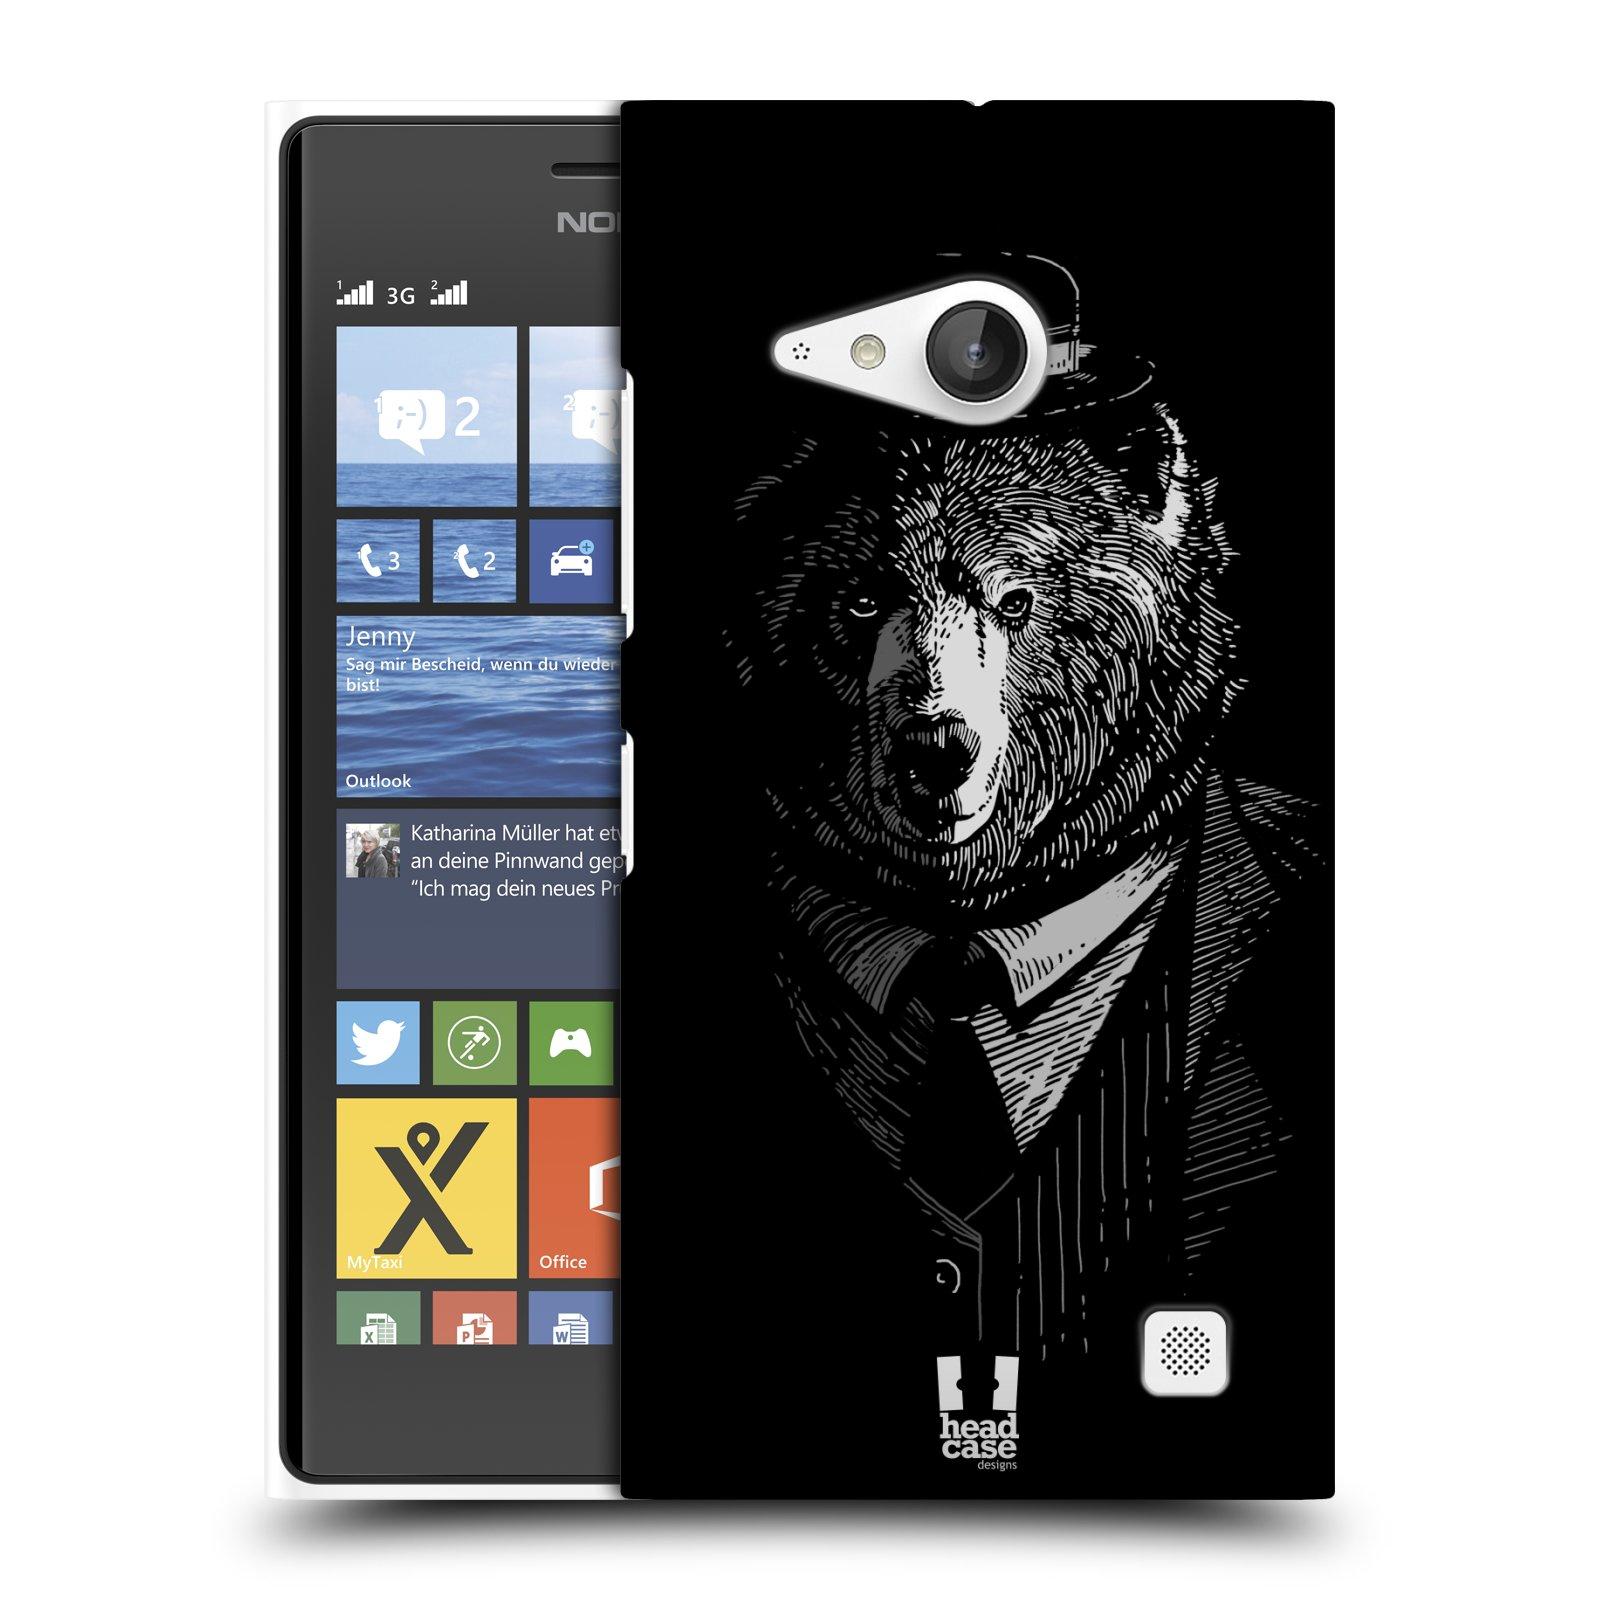 Plastové pouzdro na mobil Nokia Lumia 730 Dual SIM HEAD CASE MEDVĚD V KVÁDRU (Kryt či obal na mobilní telefon Nokia Lumia 730 Dual SIM)